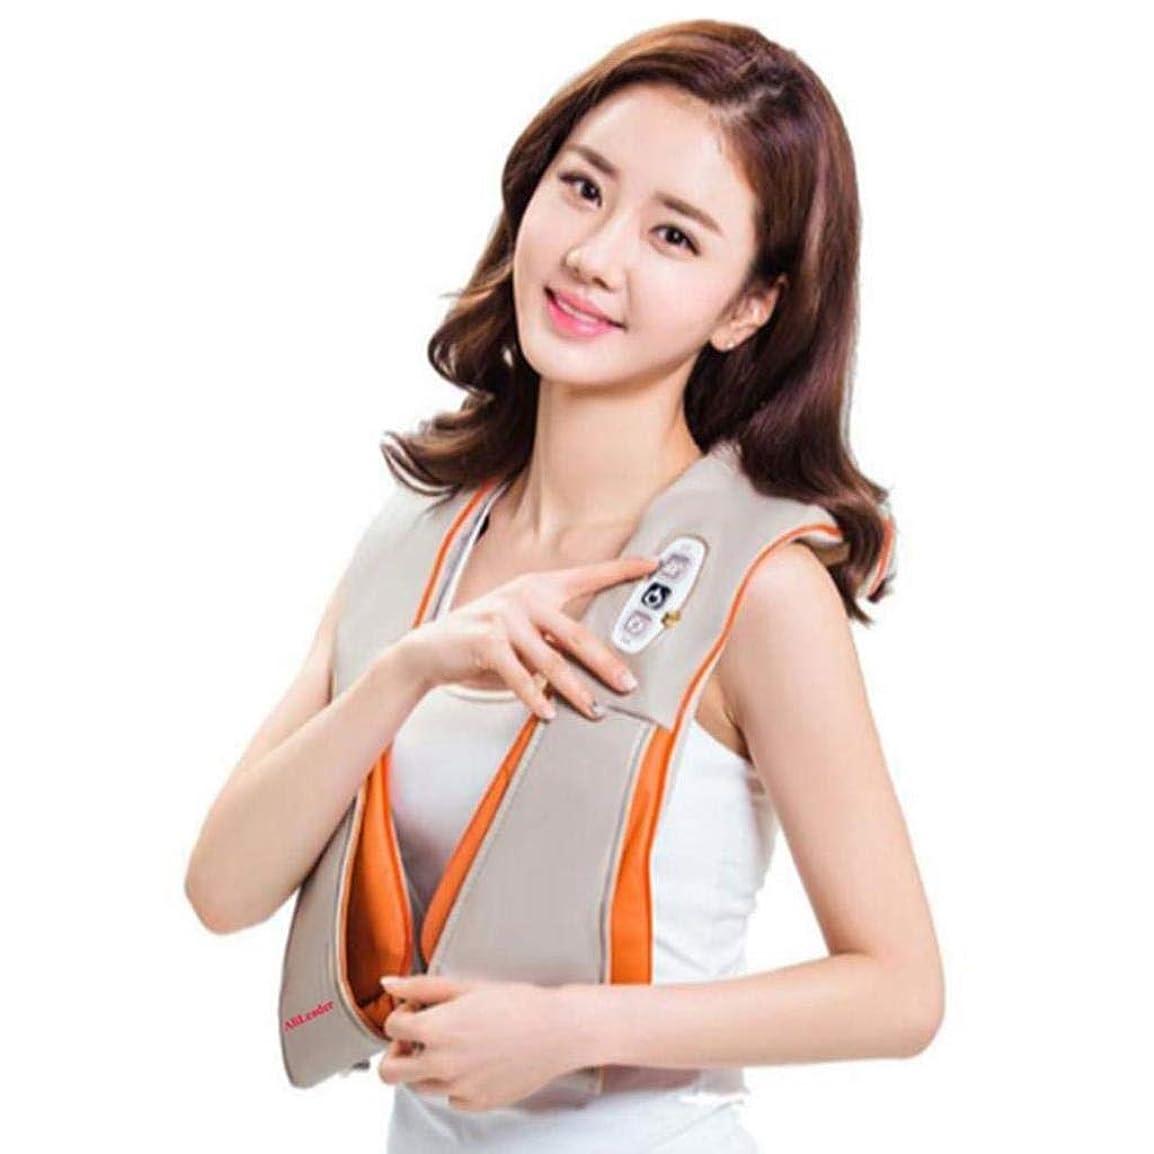 ジーンズ爪野菜首のマッサージャー、調節可能な強さのための熱および深いティッシュの混練のマッサージの指圧の肩のマッサージャー、事務車で使用することができます